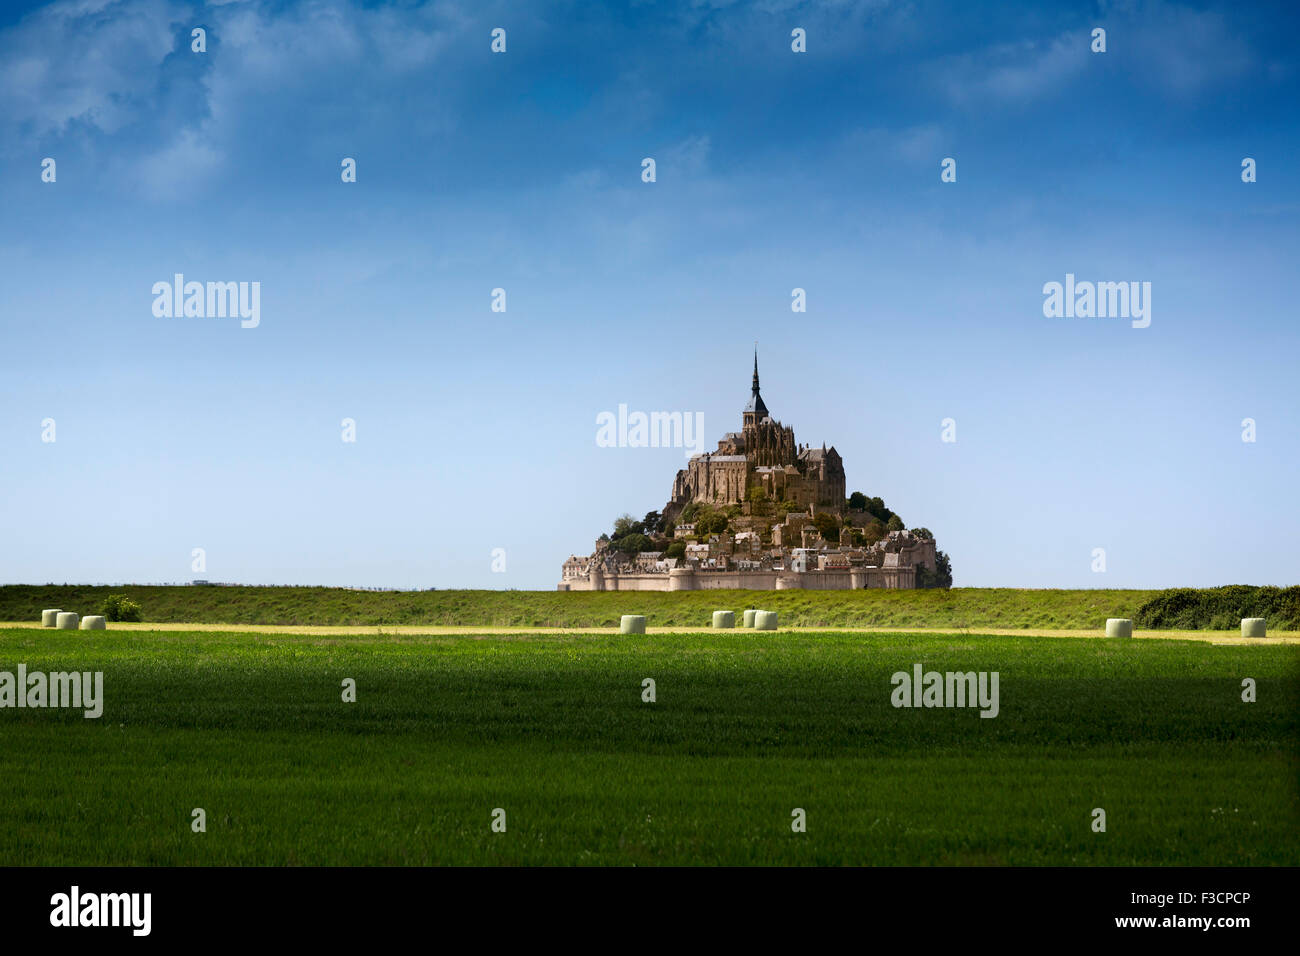 Le Mont-Saint-Michel Saint Michael Mount Benedictine abbey Lower Normandy Manche France Europe - Stock Image